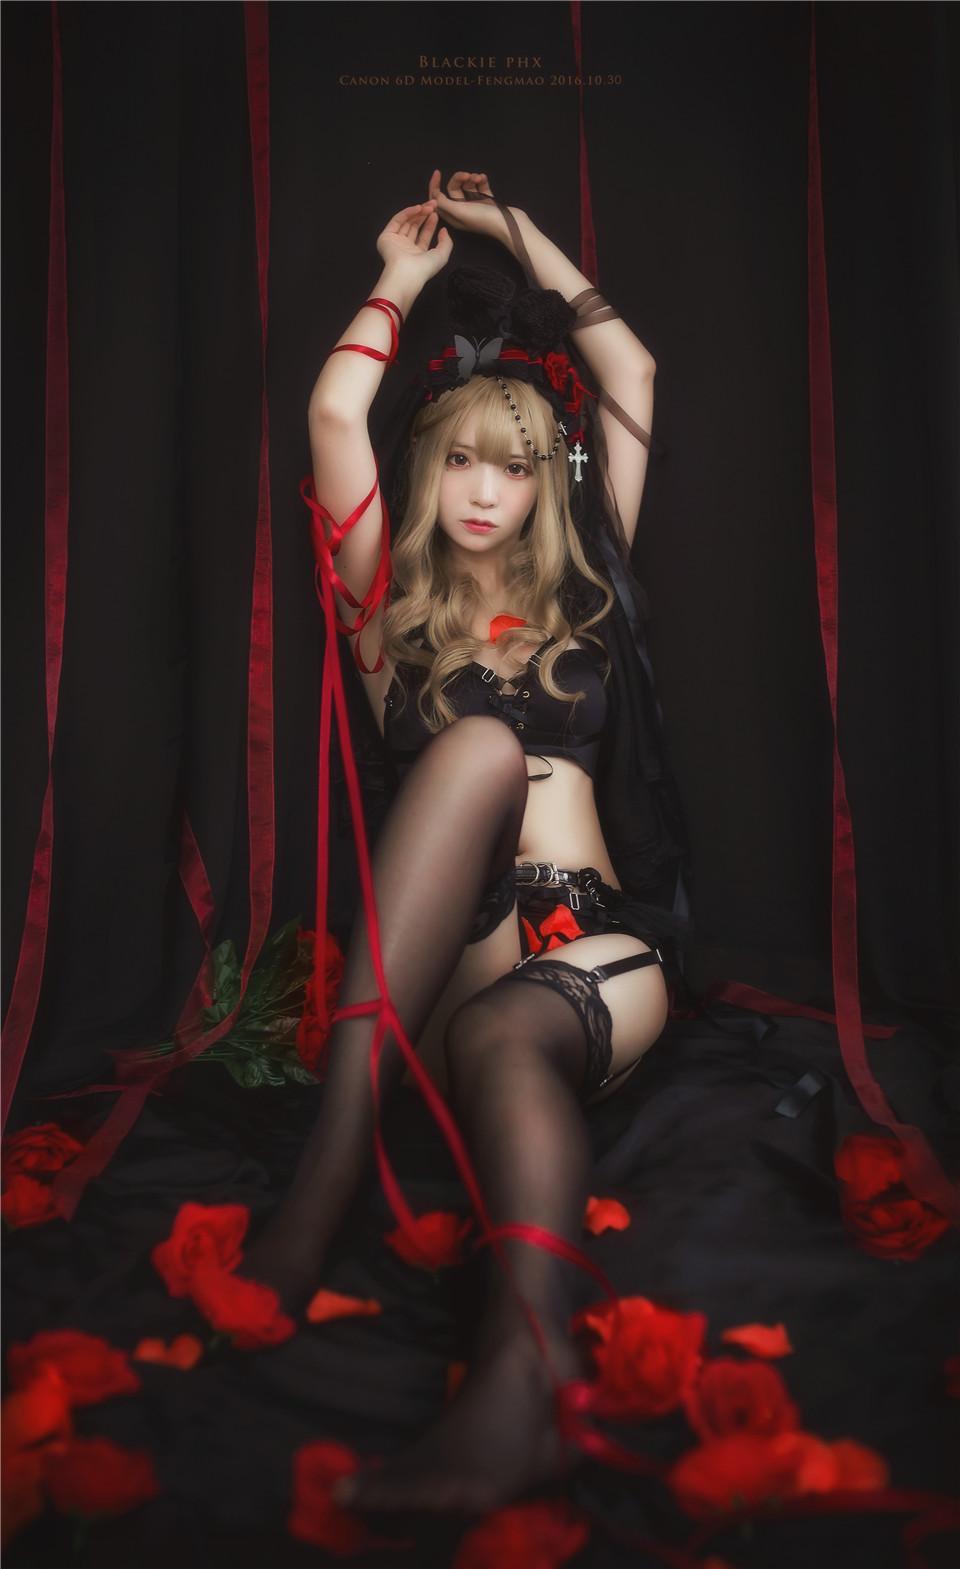 疯猫ss – NO.03 黑丝写真 黑色玫瑰